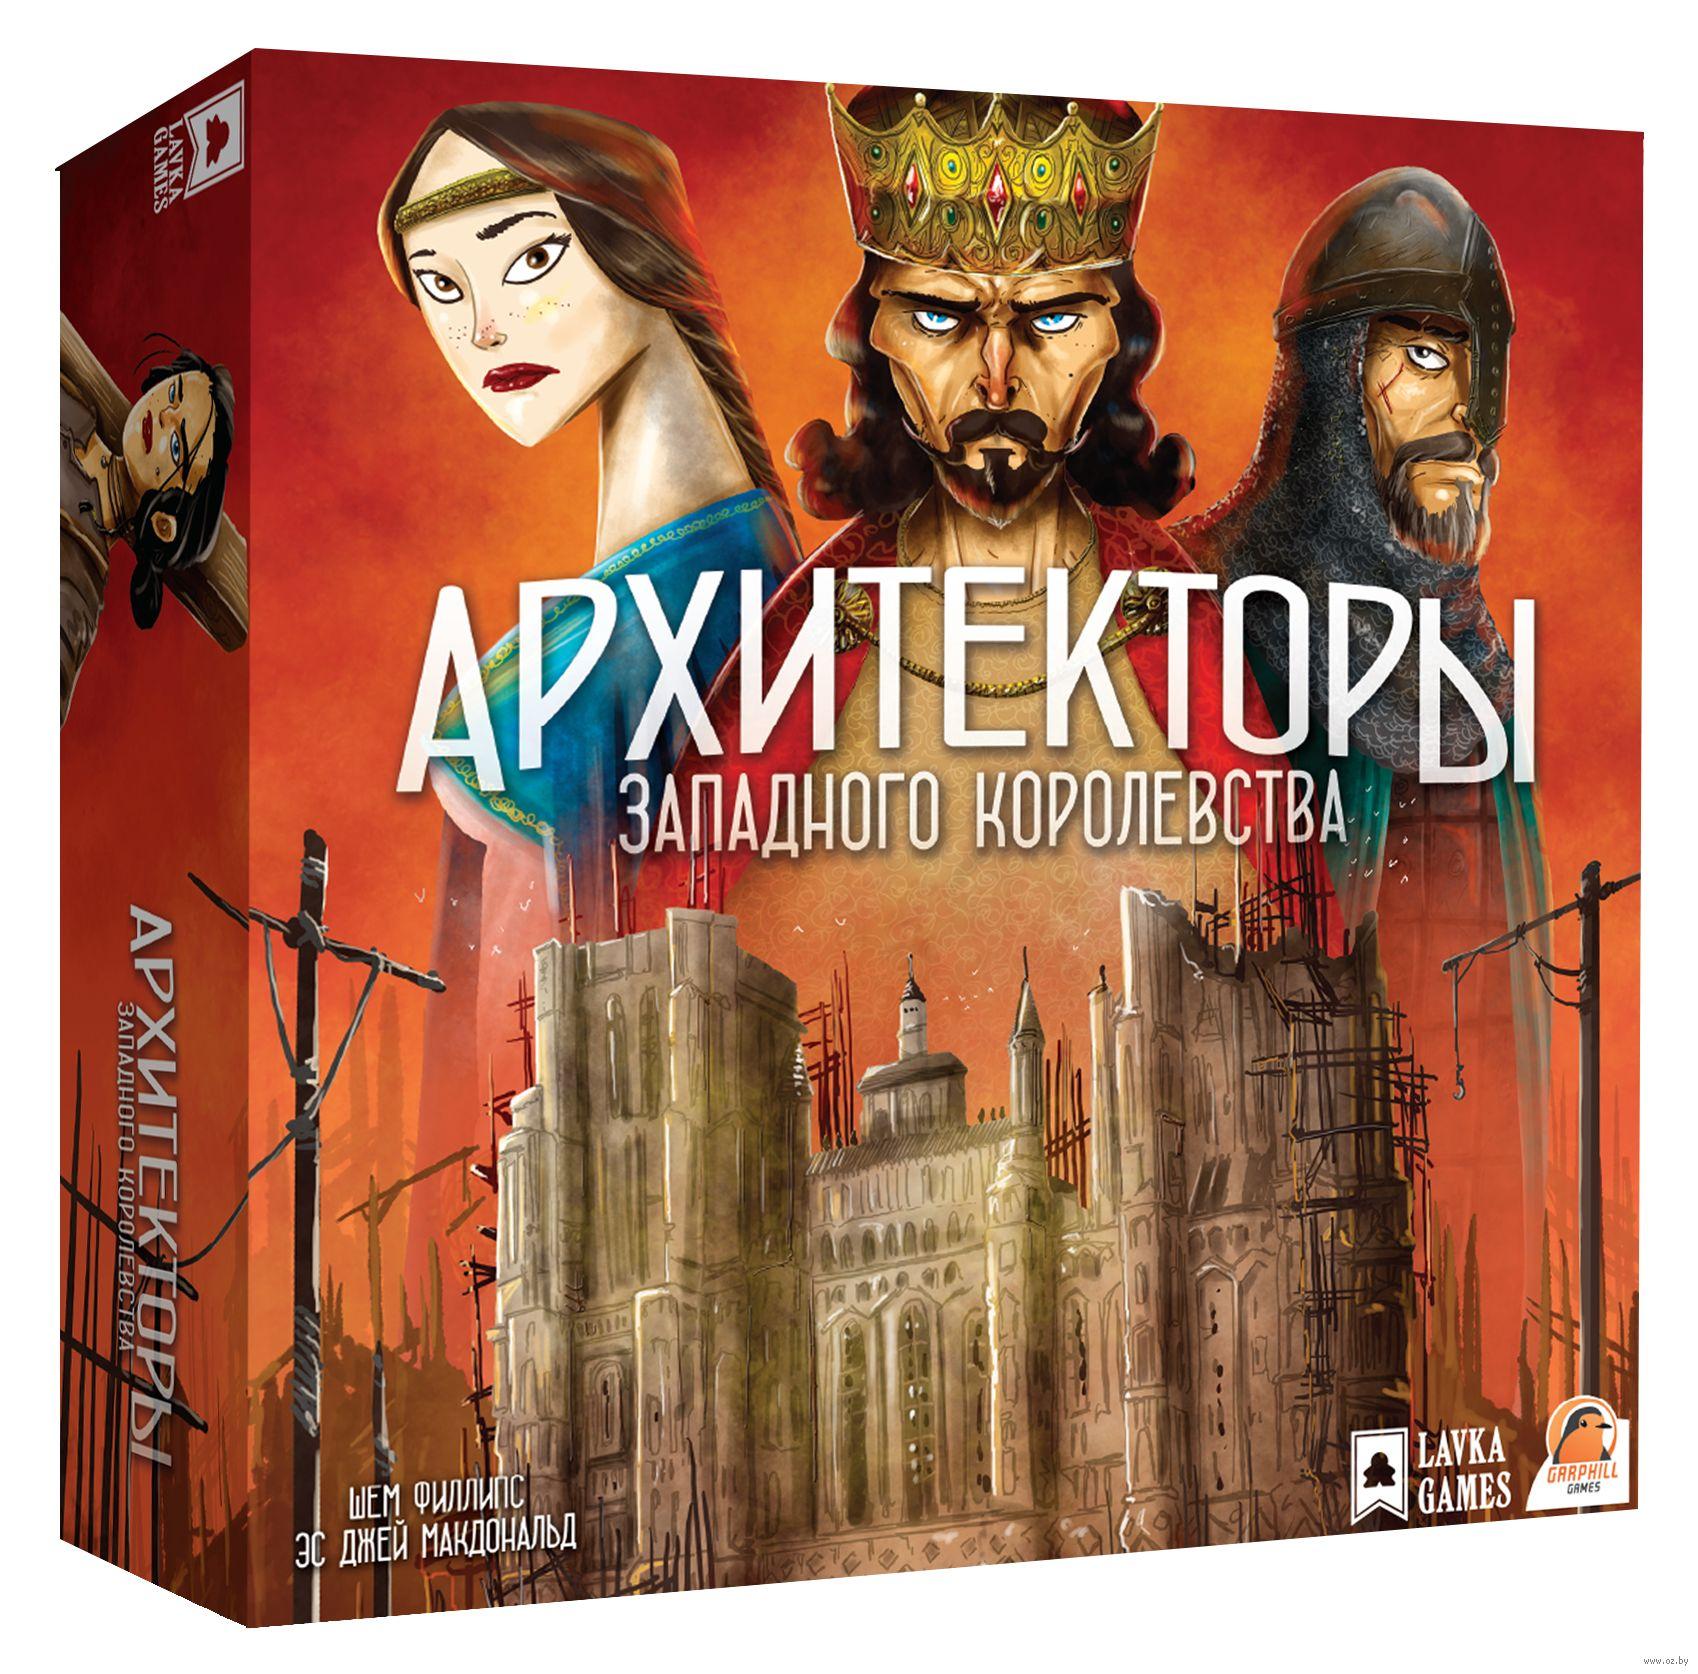 Настольная игра Lavka Games Архитекторы западного королевства,  - купить со скидкой